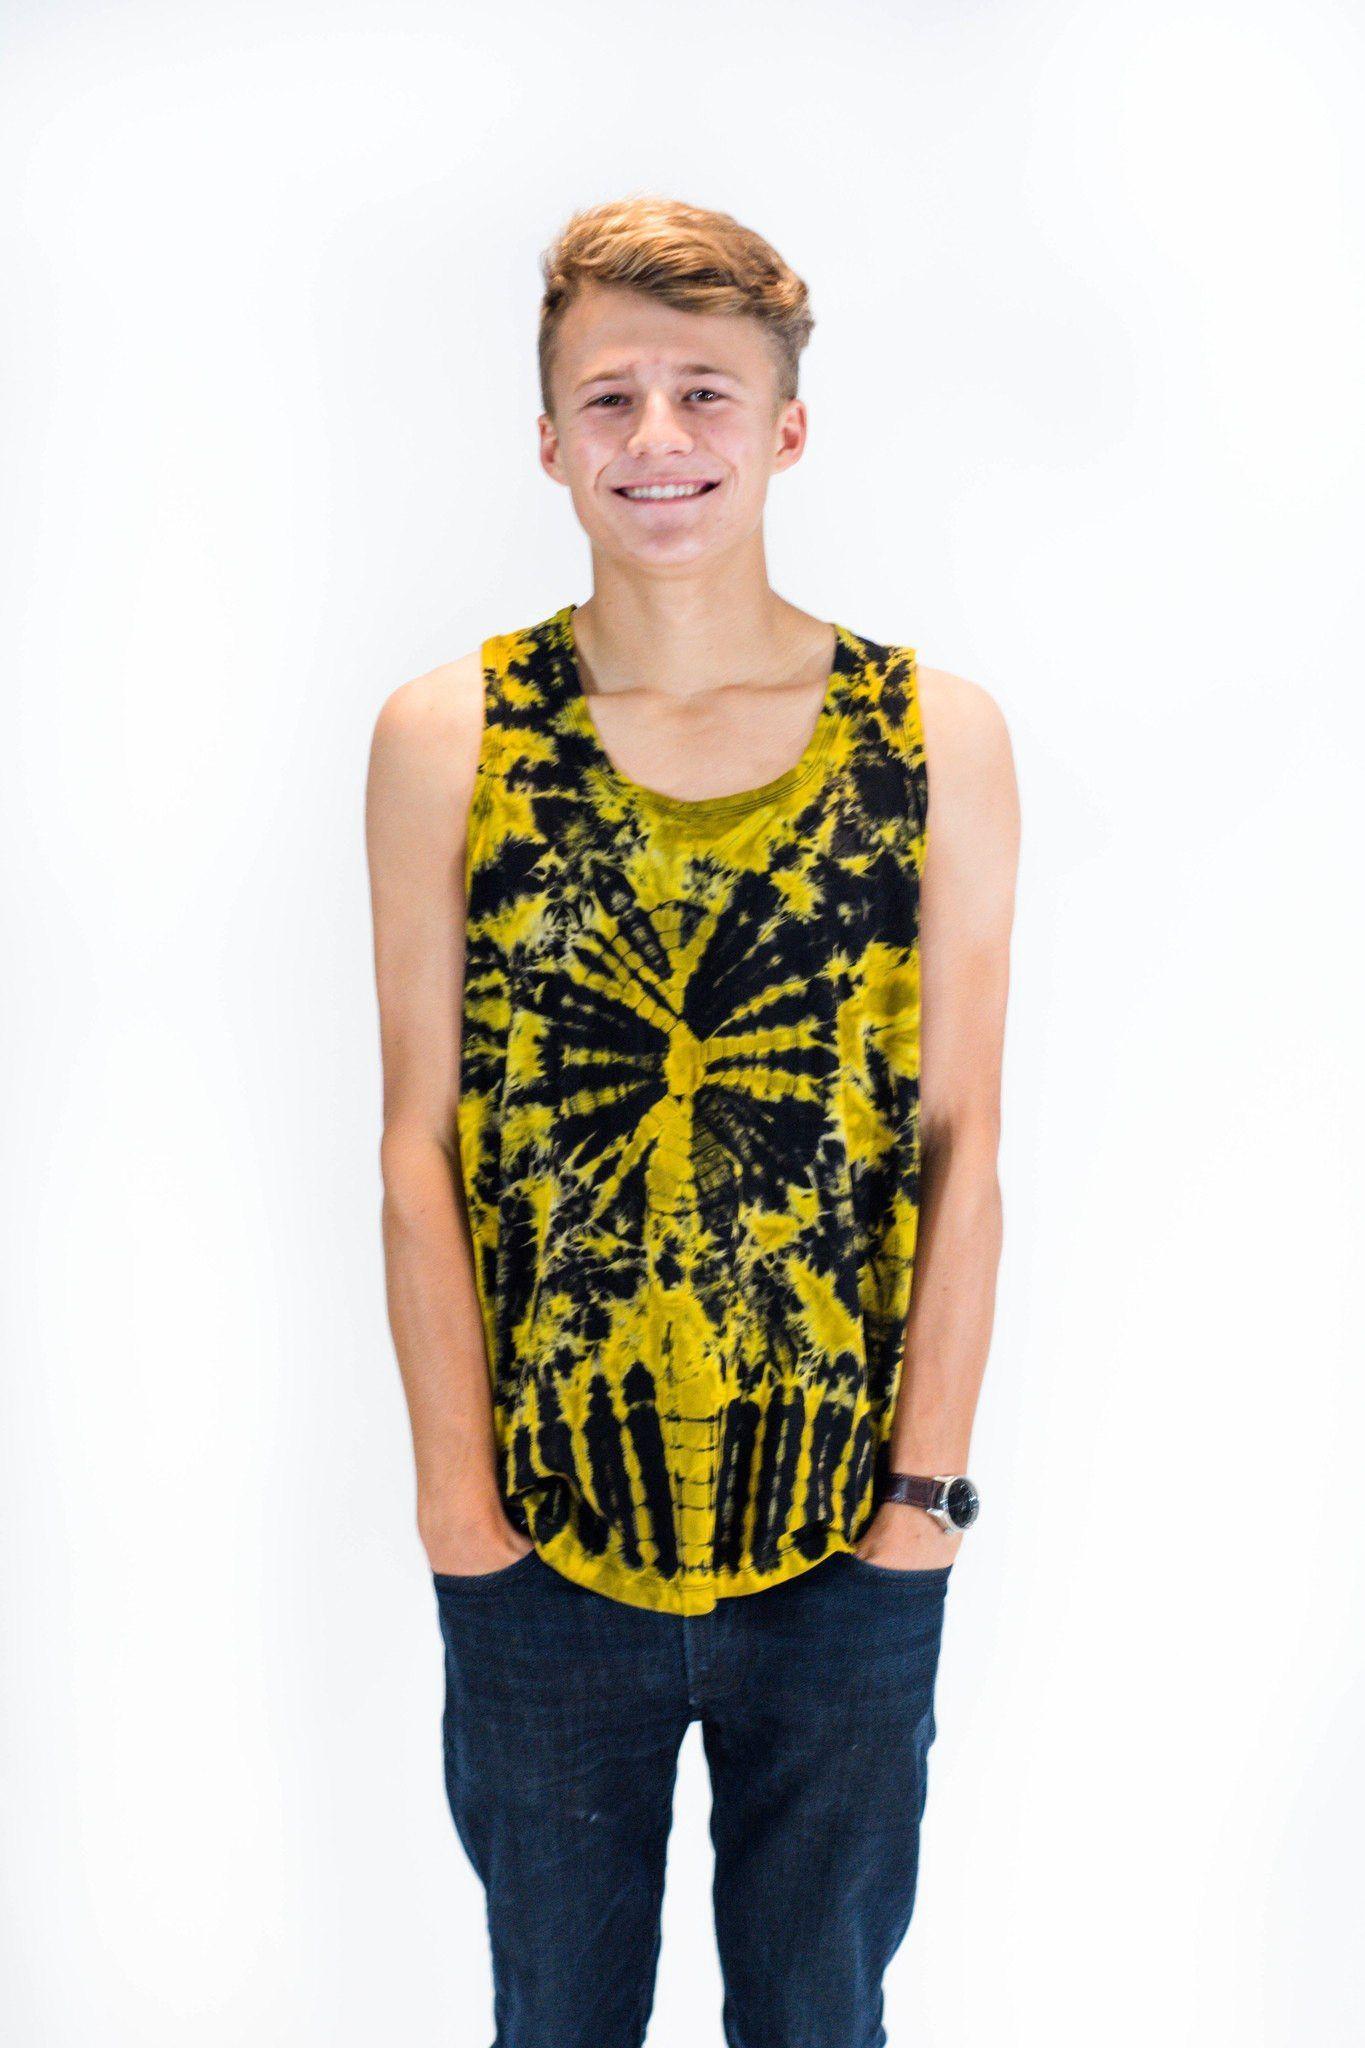 Men's Tank Top Tie Dye Yellow